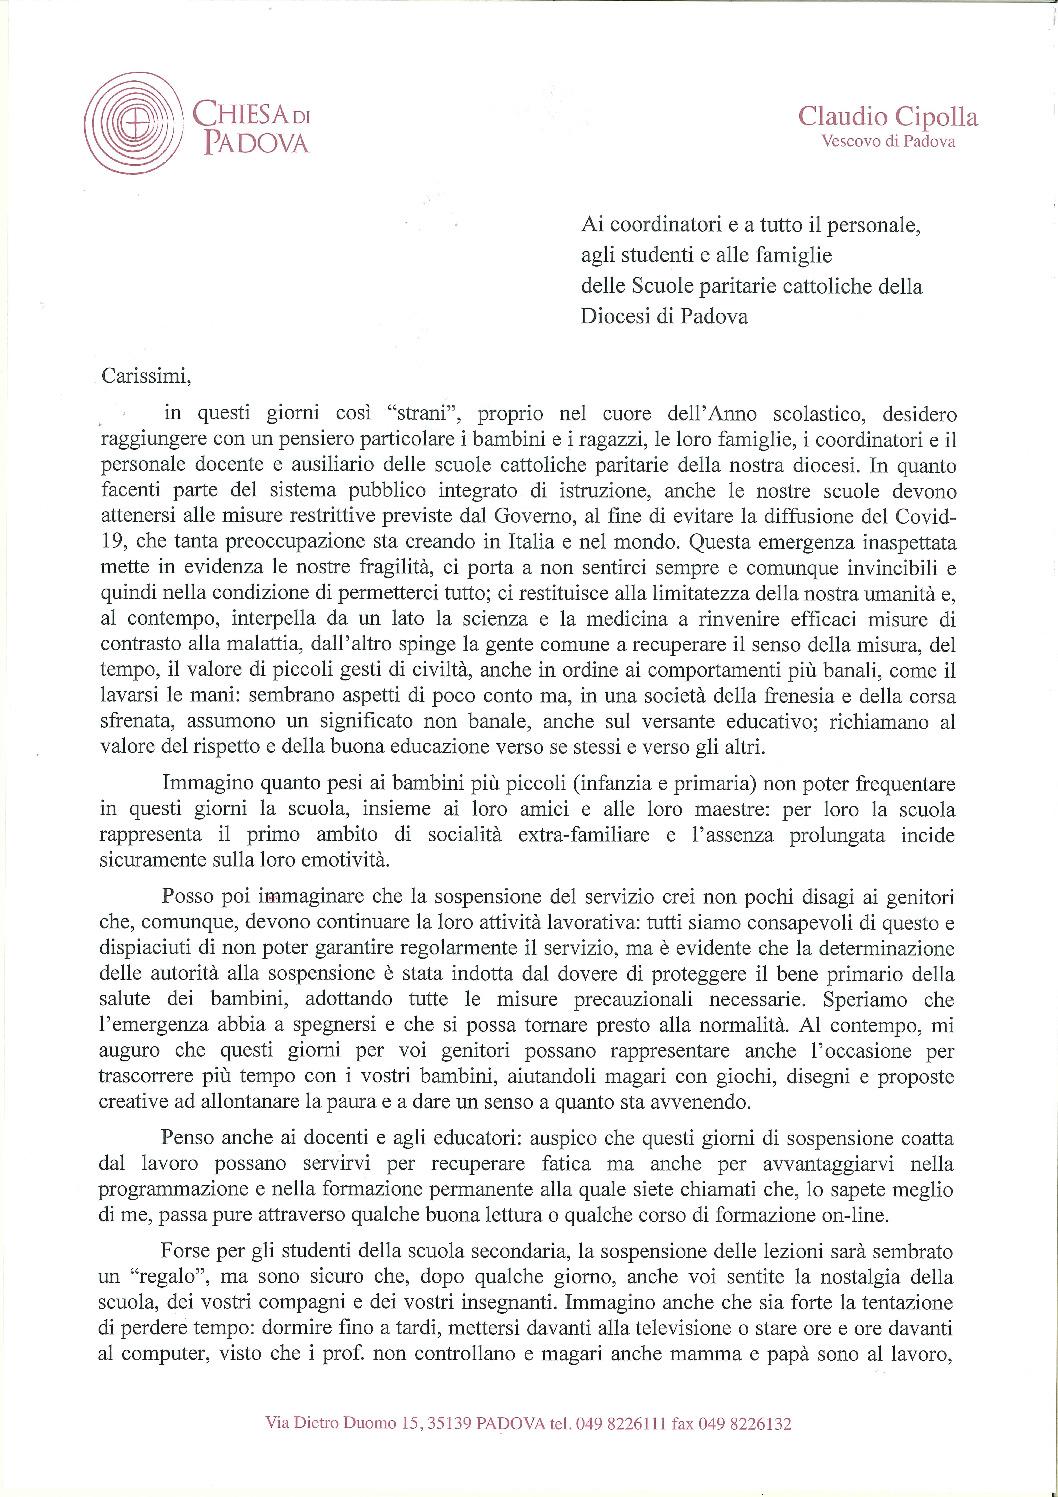 thumbnail of Lettera-Vescovo-a-scuole-cattoliche_4.3.2020